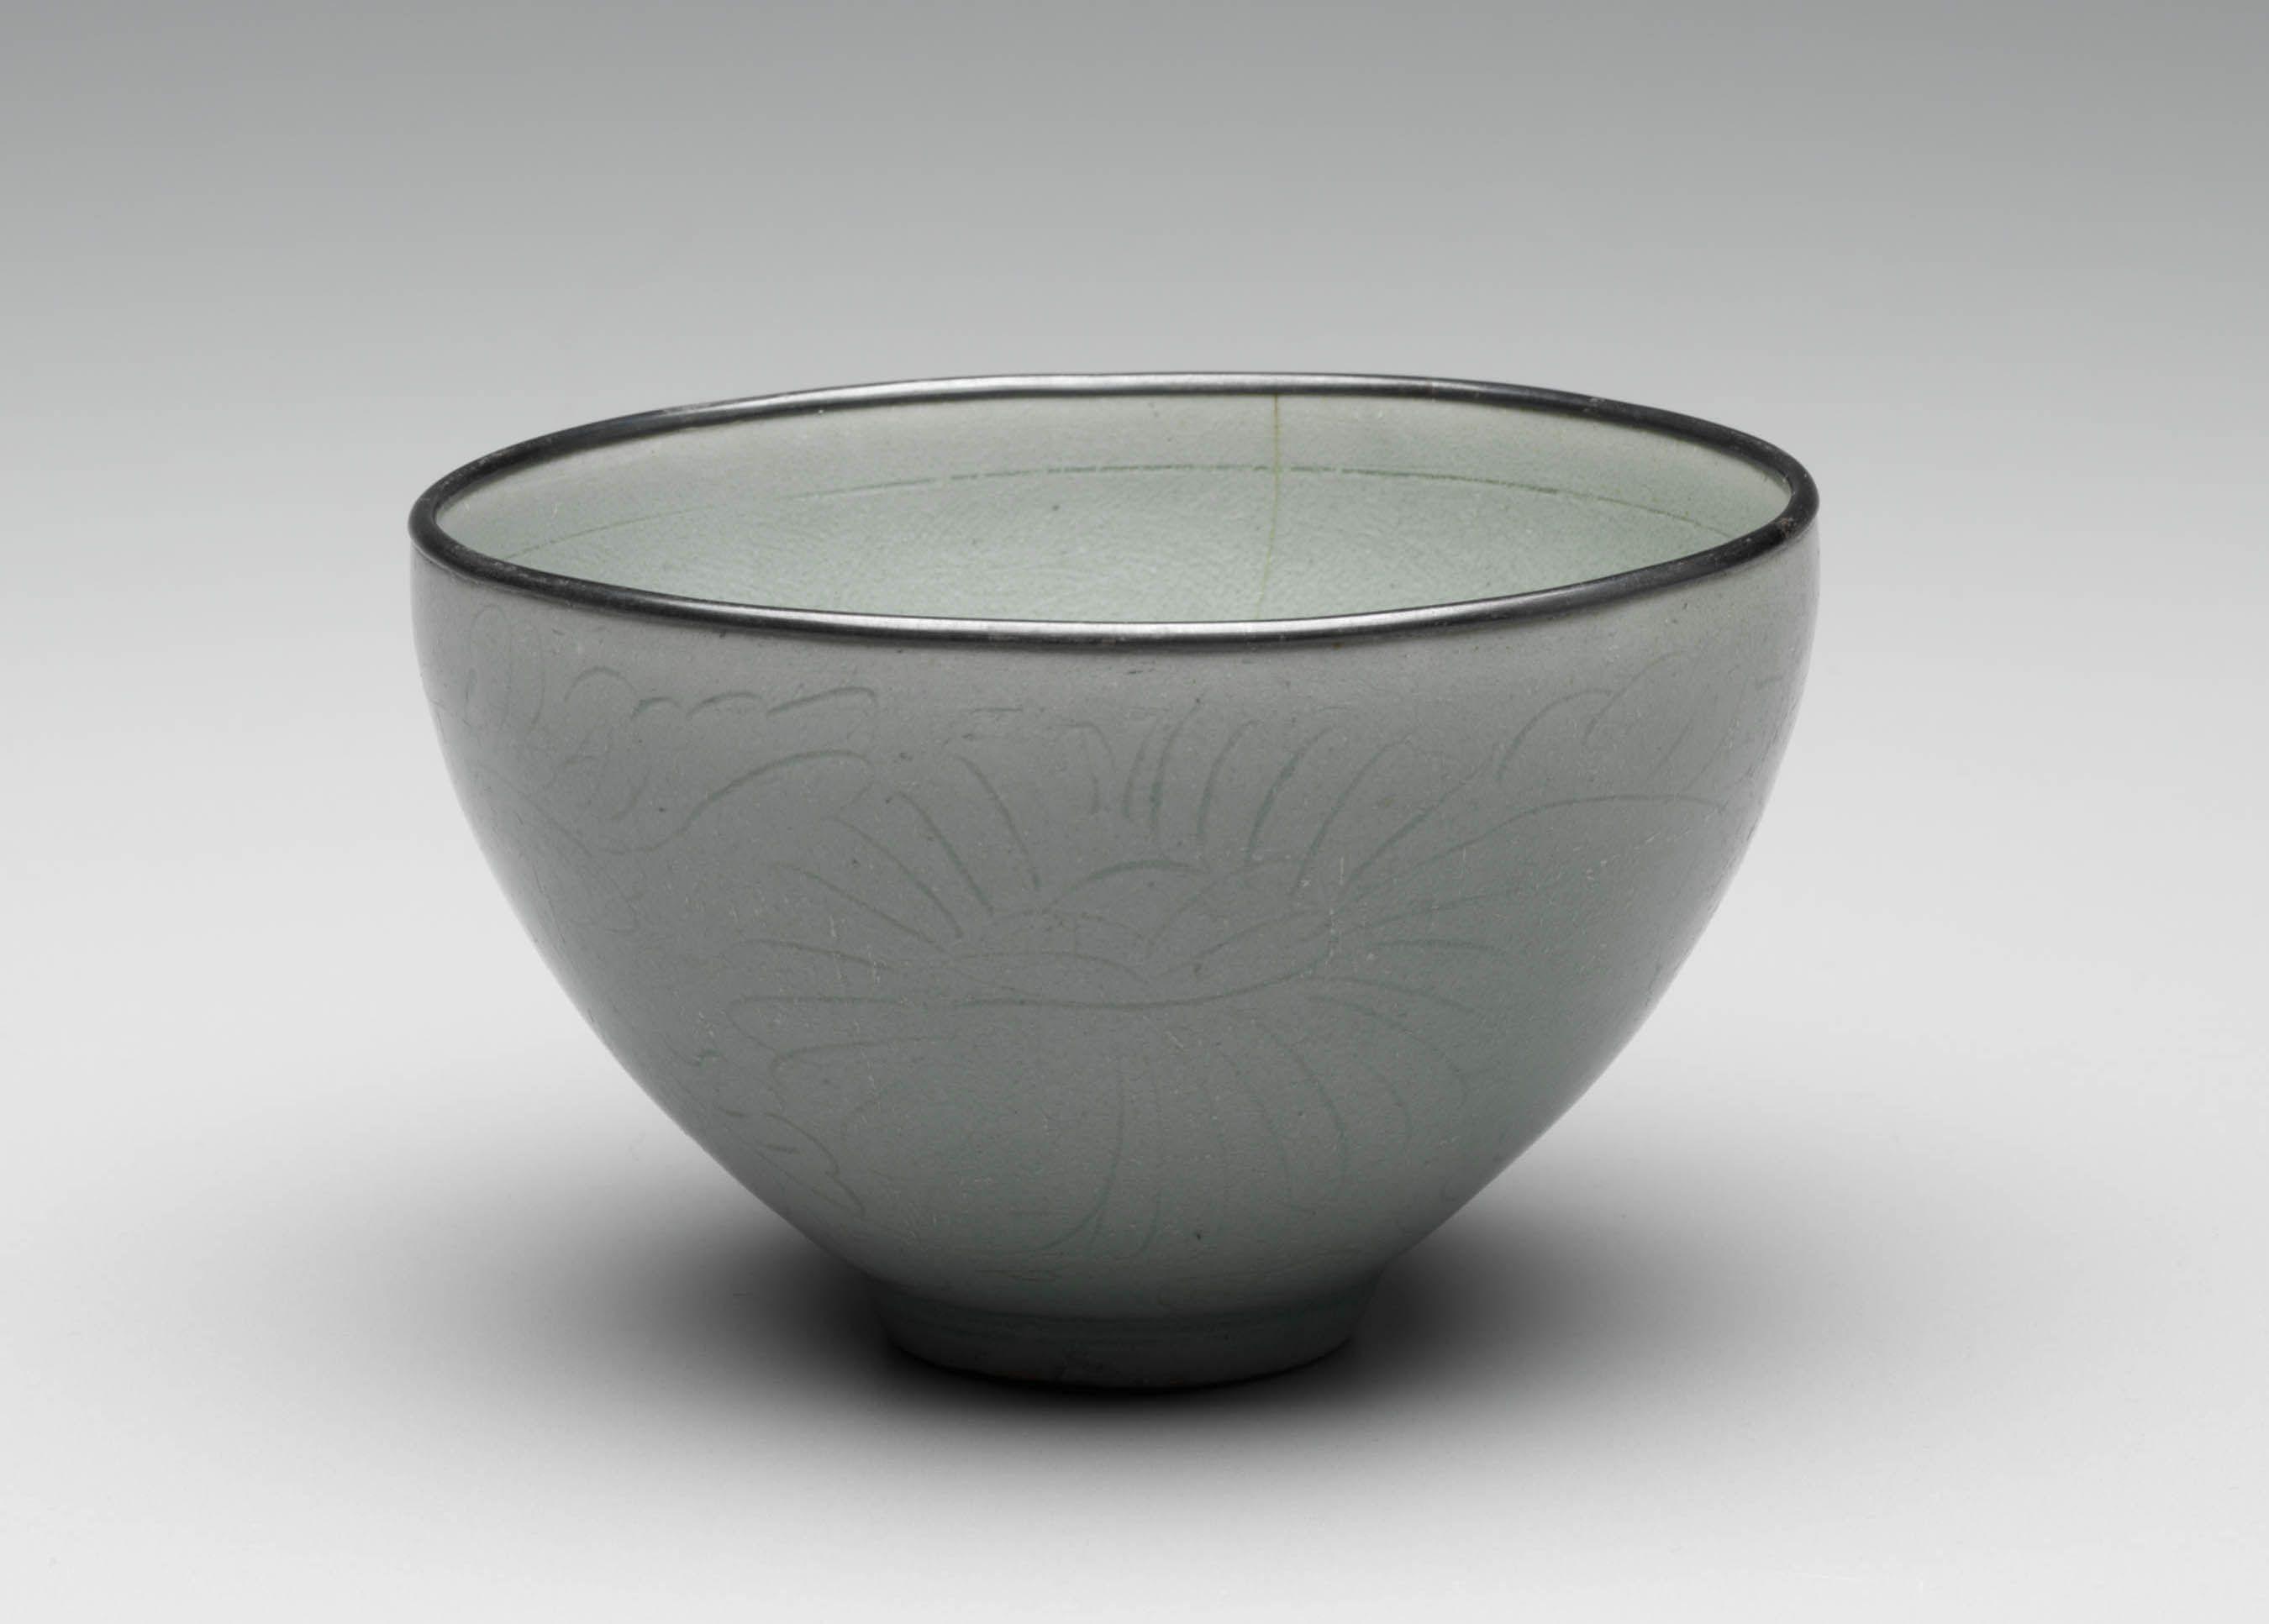 Tea Bowl 1000-1100, Koryo Dynasty Korean Stoneware with celadon glaze